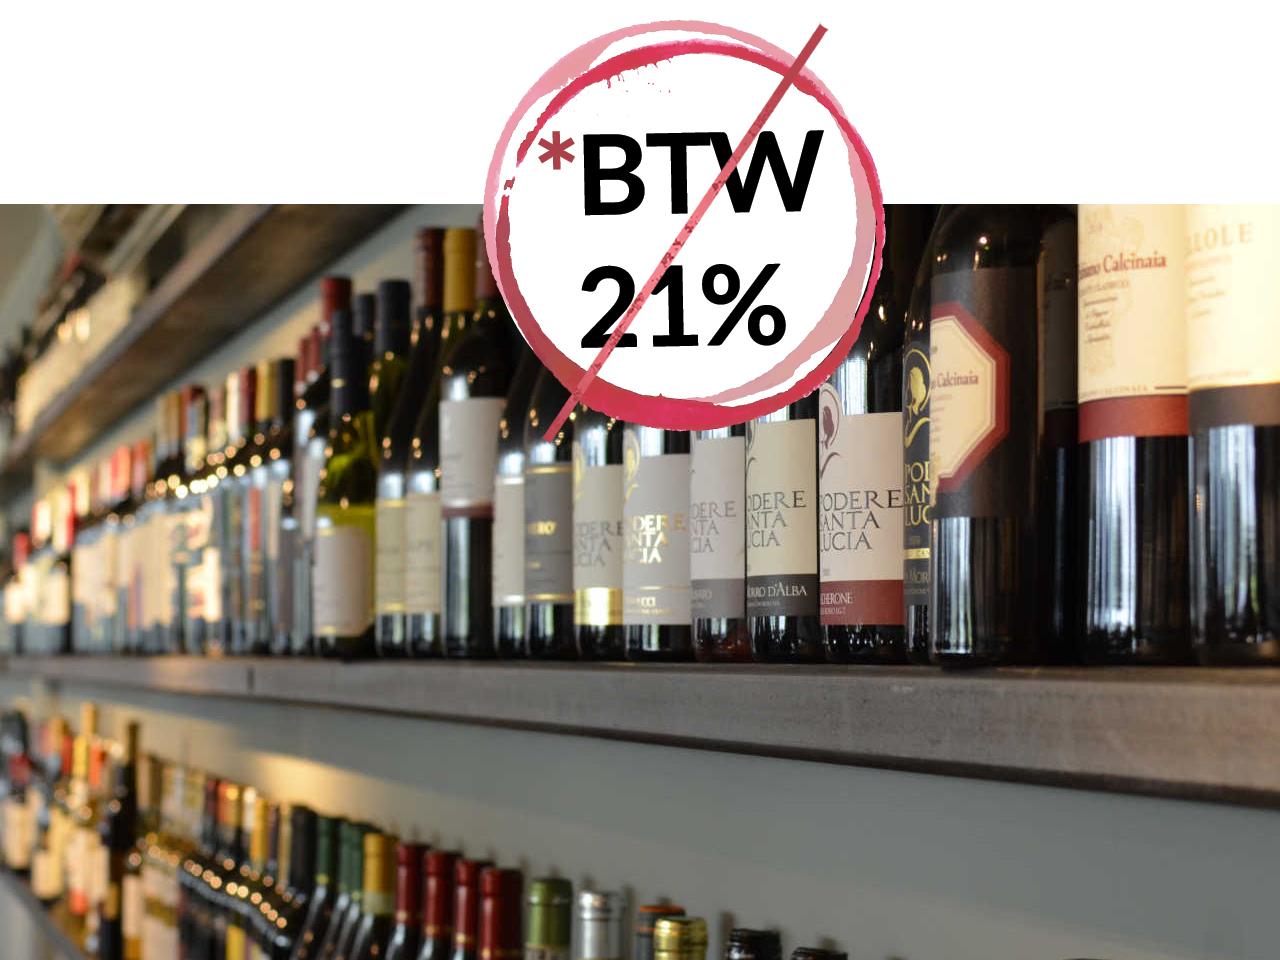 Meer dan 1000 lekkere wijnen aan promoprijs korting 21% BTW